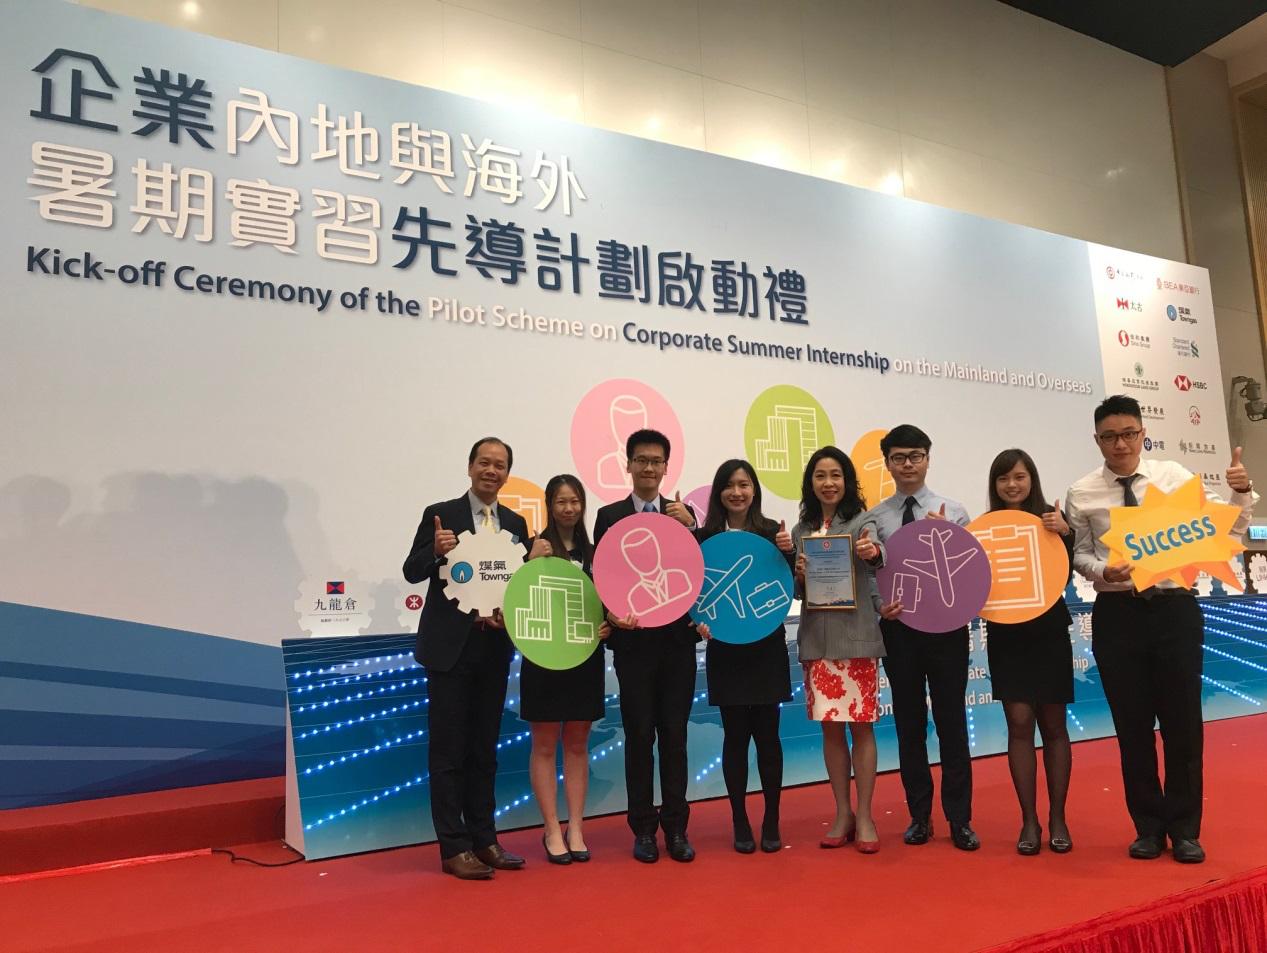 中华煤气推出暑期海外实习先导计划